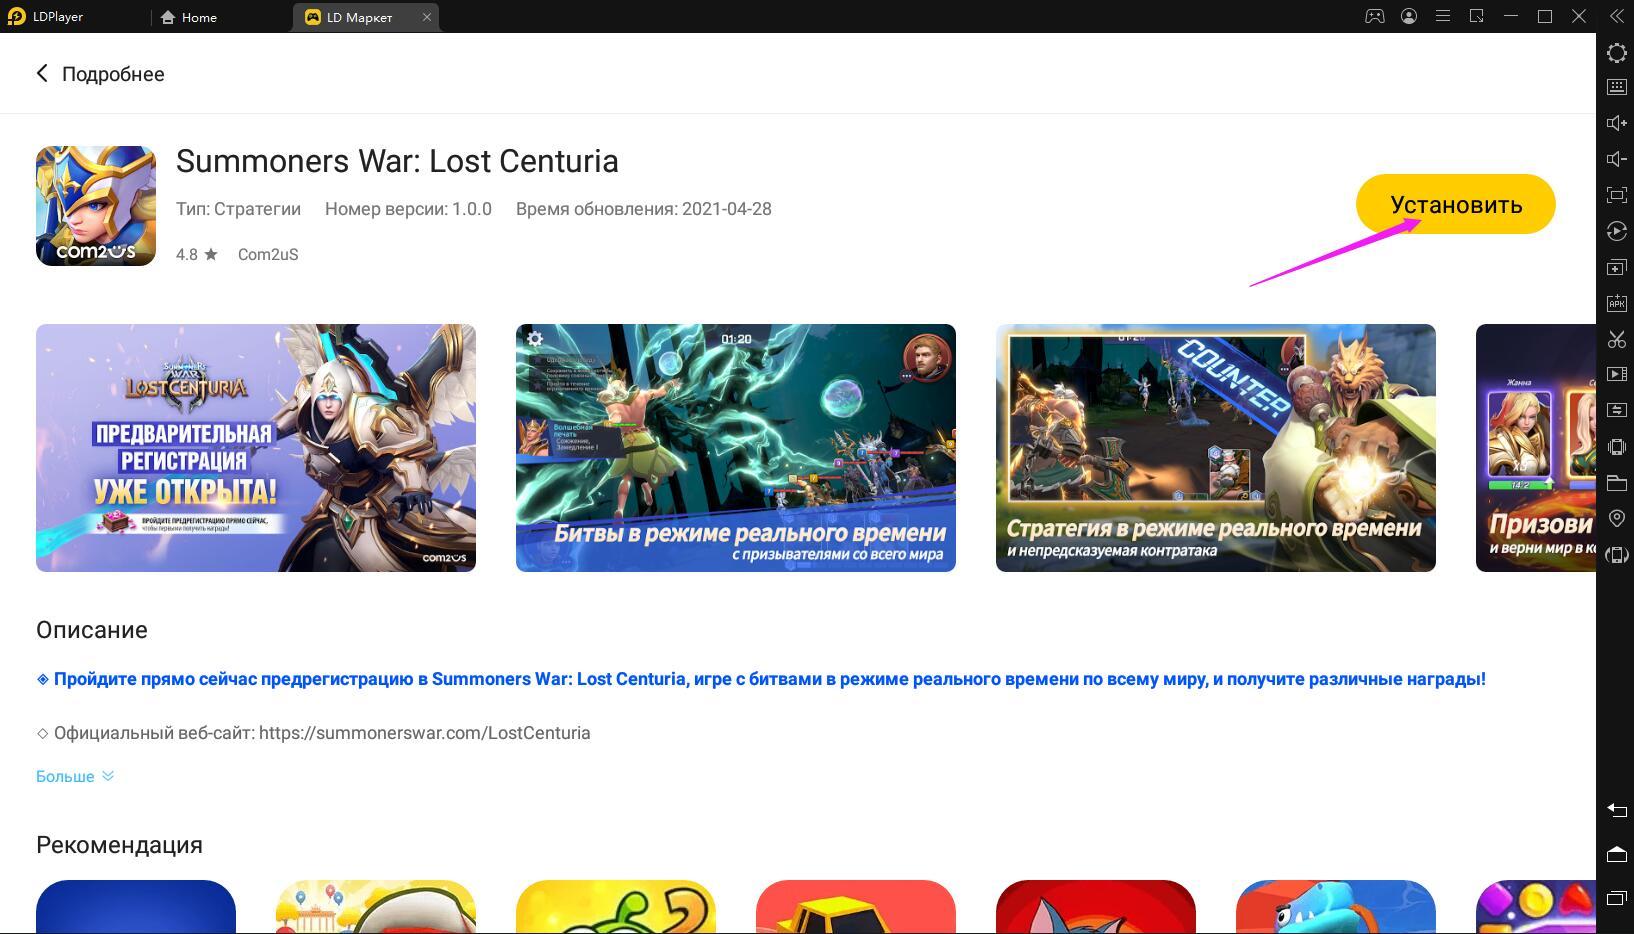 Играть в «Summoners War: Lost Centuria» бесплатно на пк